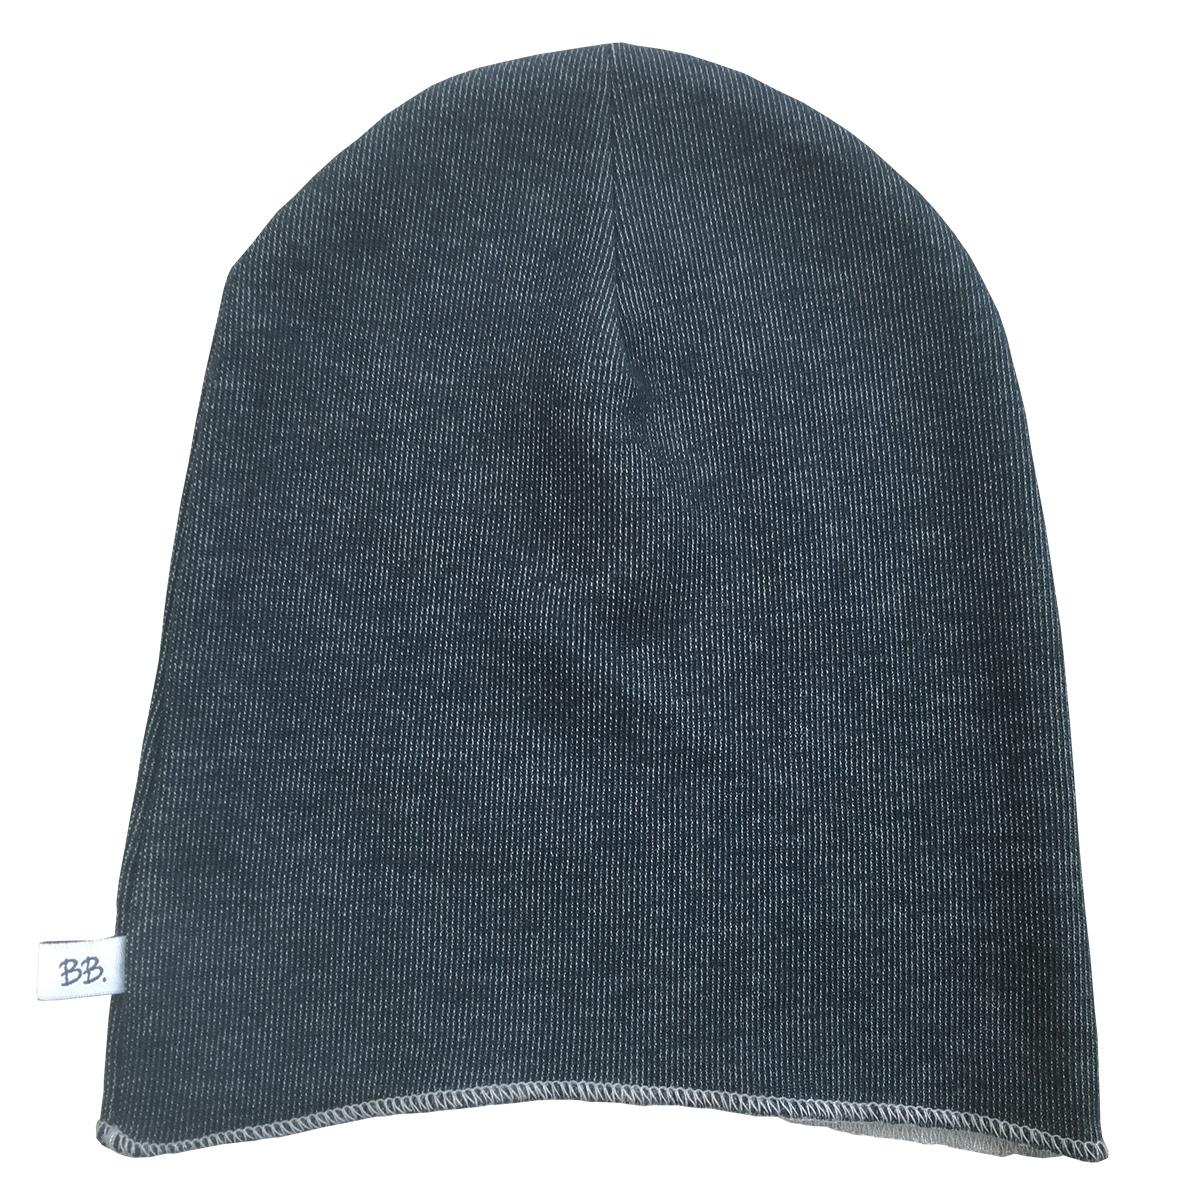 Accessoires bébé Bonnet Anthracite - Taille M Bonnet Anthracite - Taille M